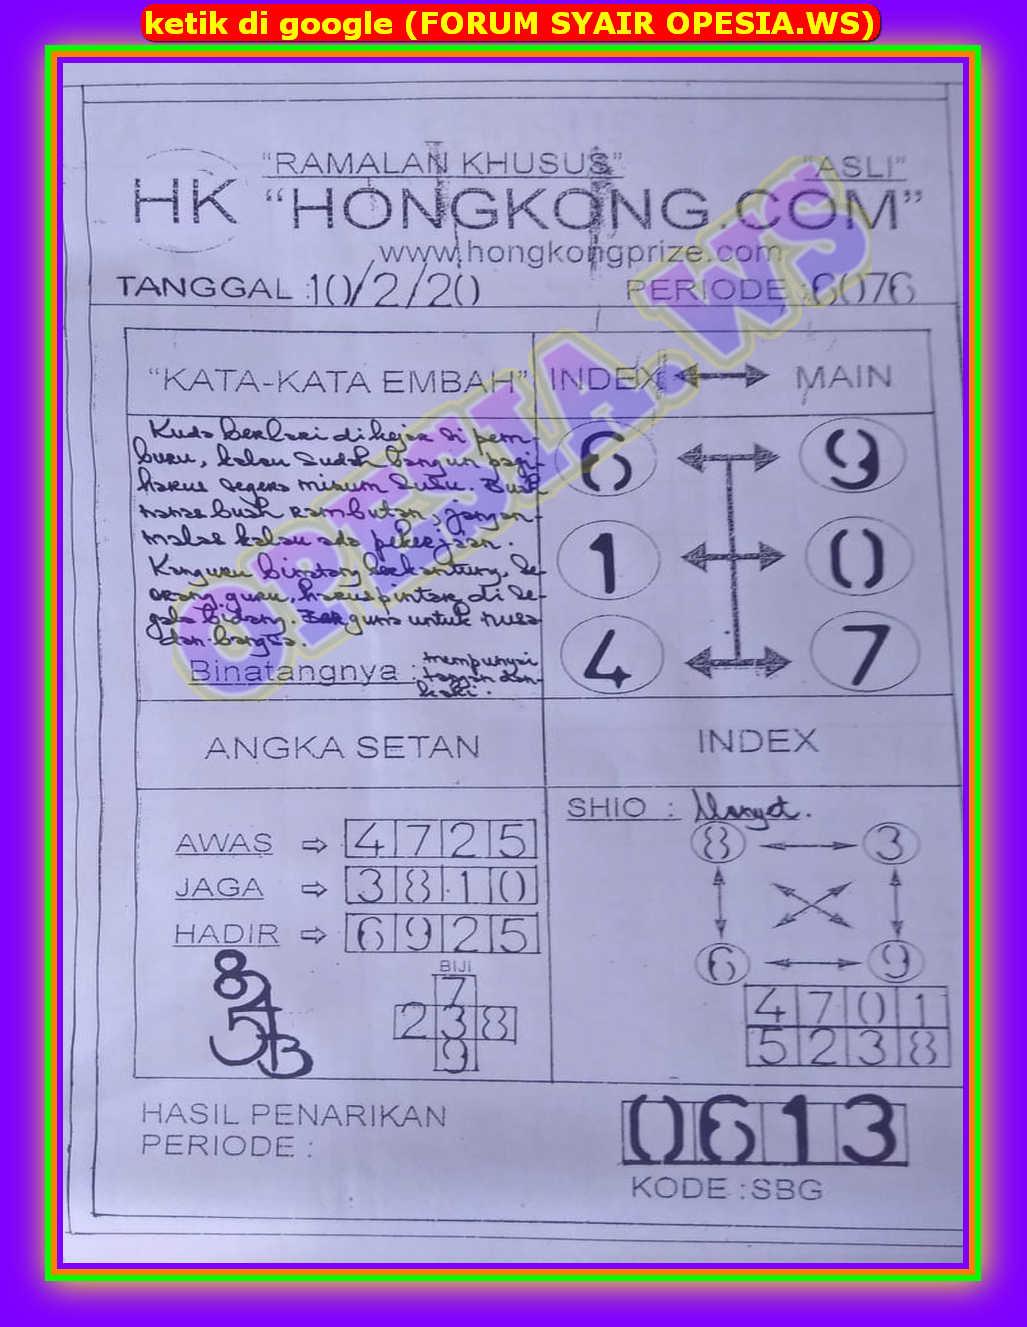 Kode syair Hongkong Senin 10 Februari 2020 57